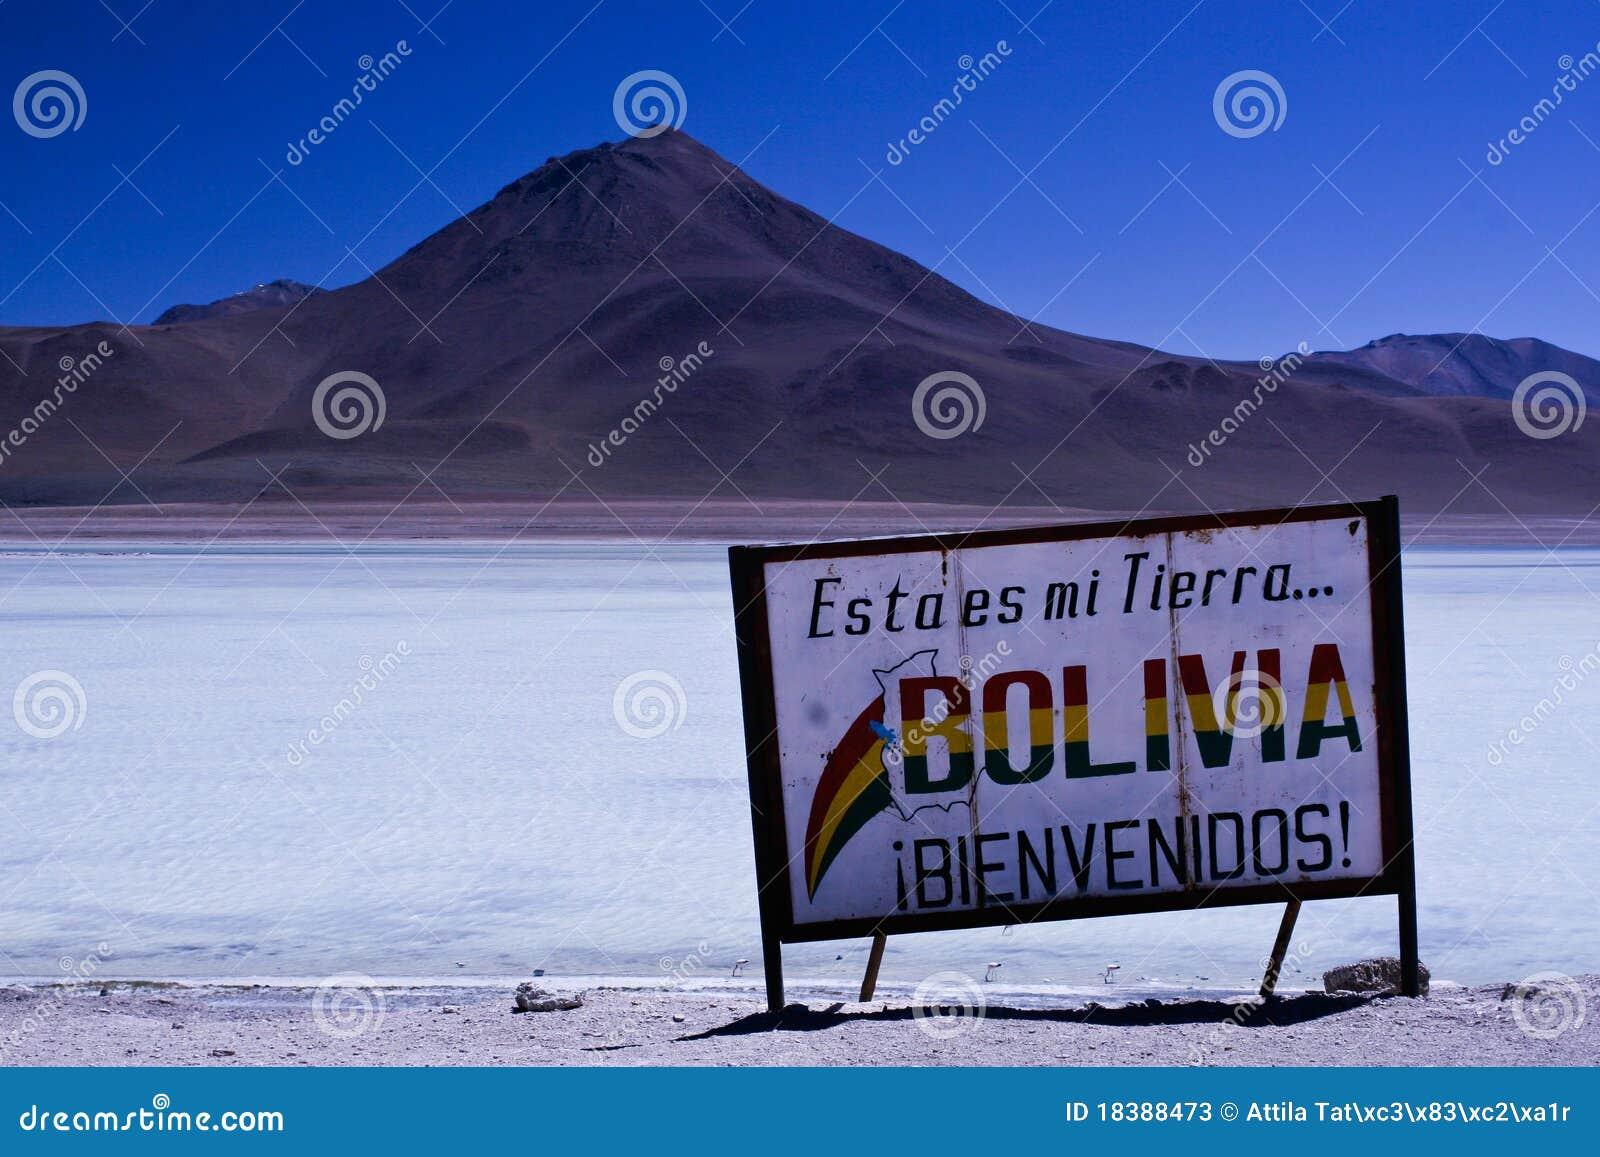 Боливия, котор нужно приветствовать